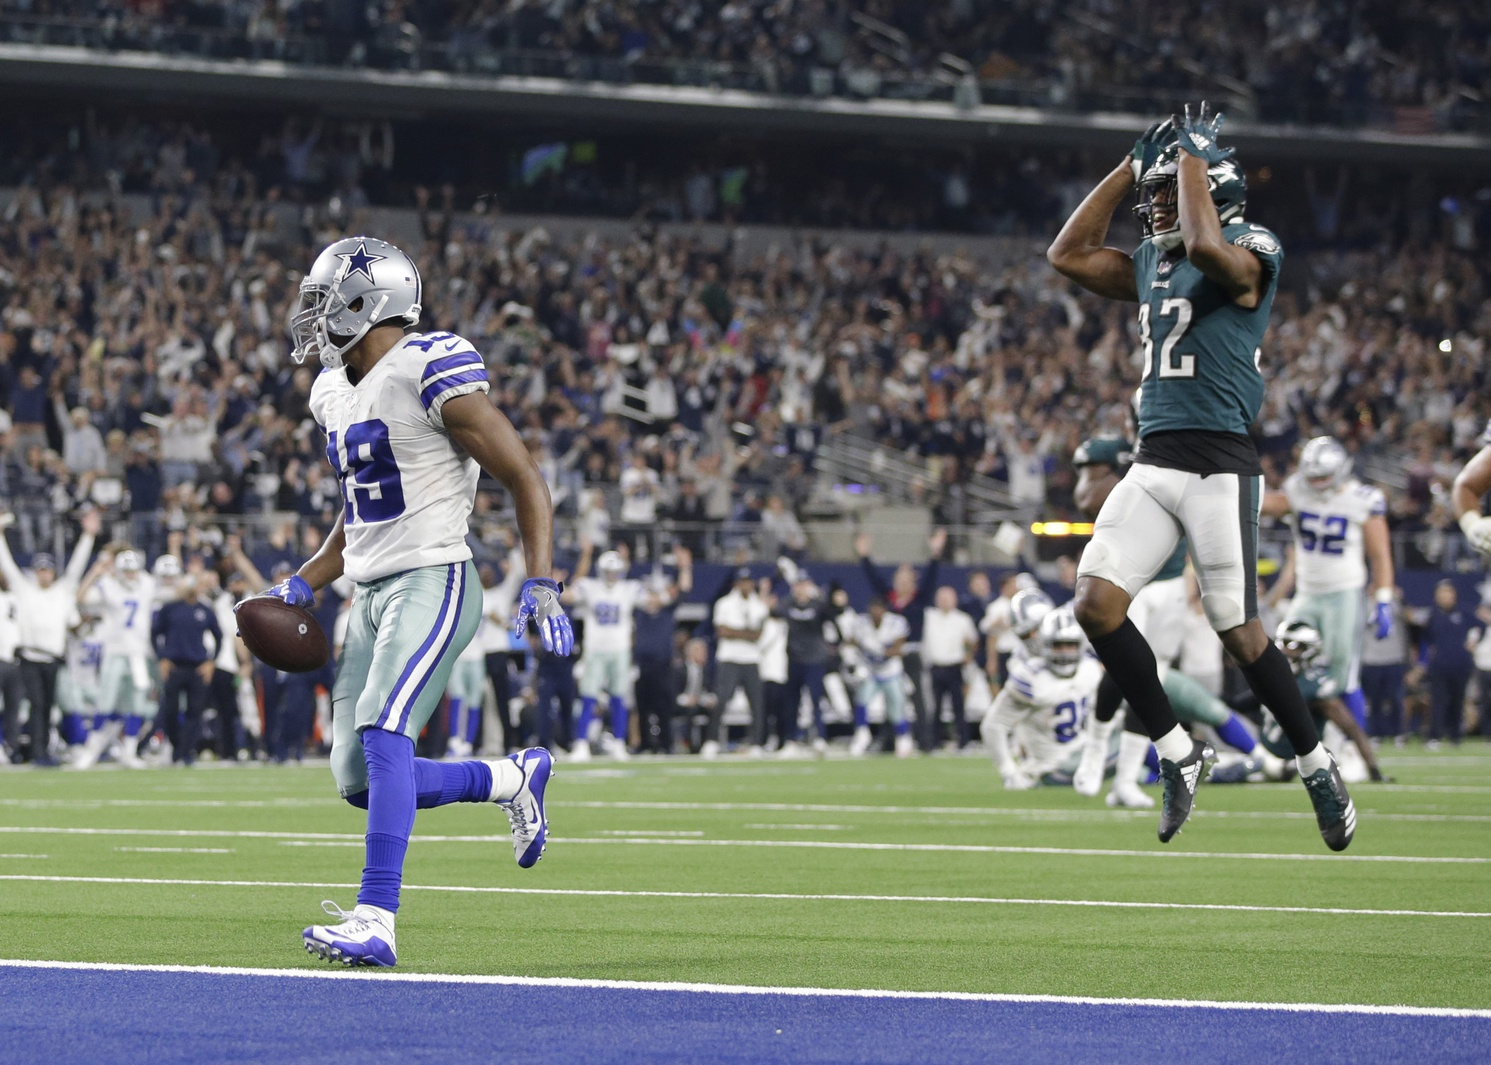 Refocused Nfl Week 14 Dallas Cowboys 29 Philadelphia Eagles 23